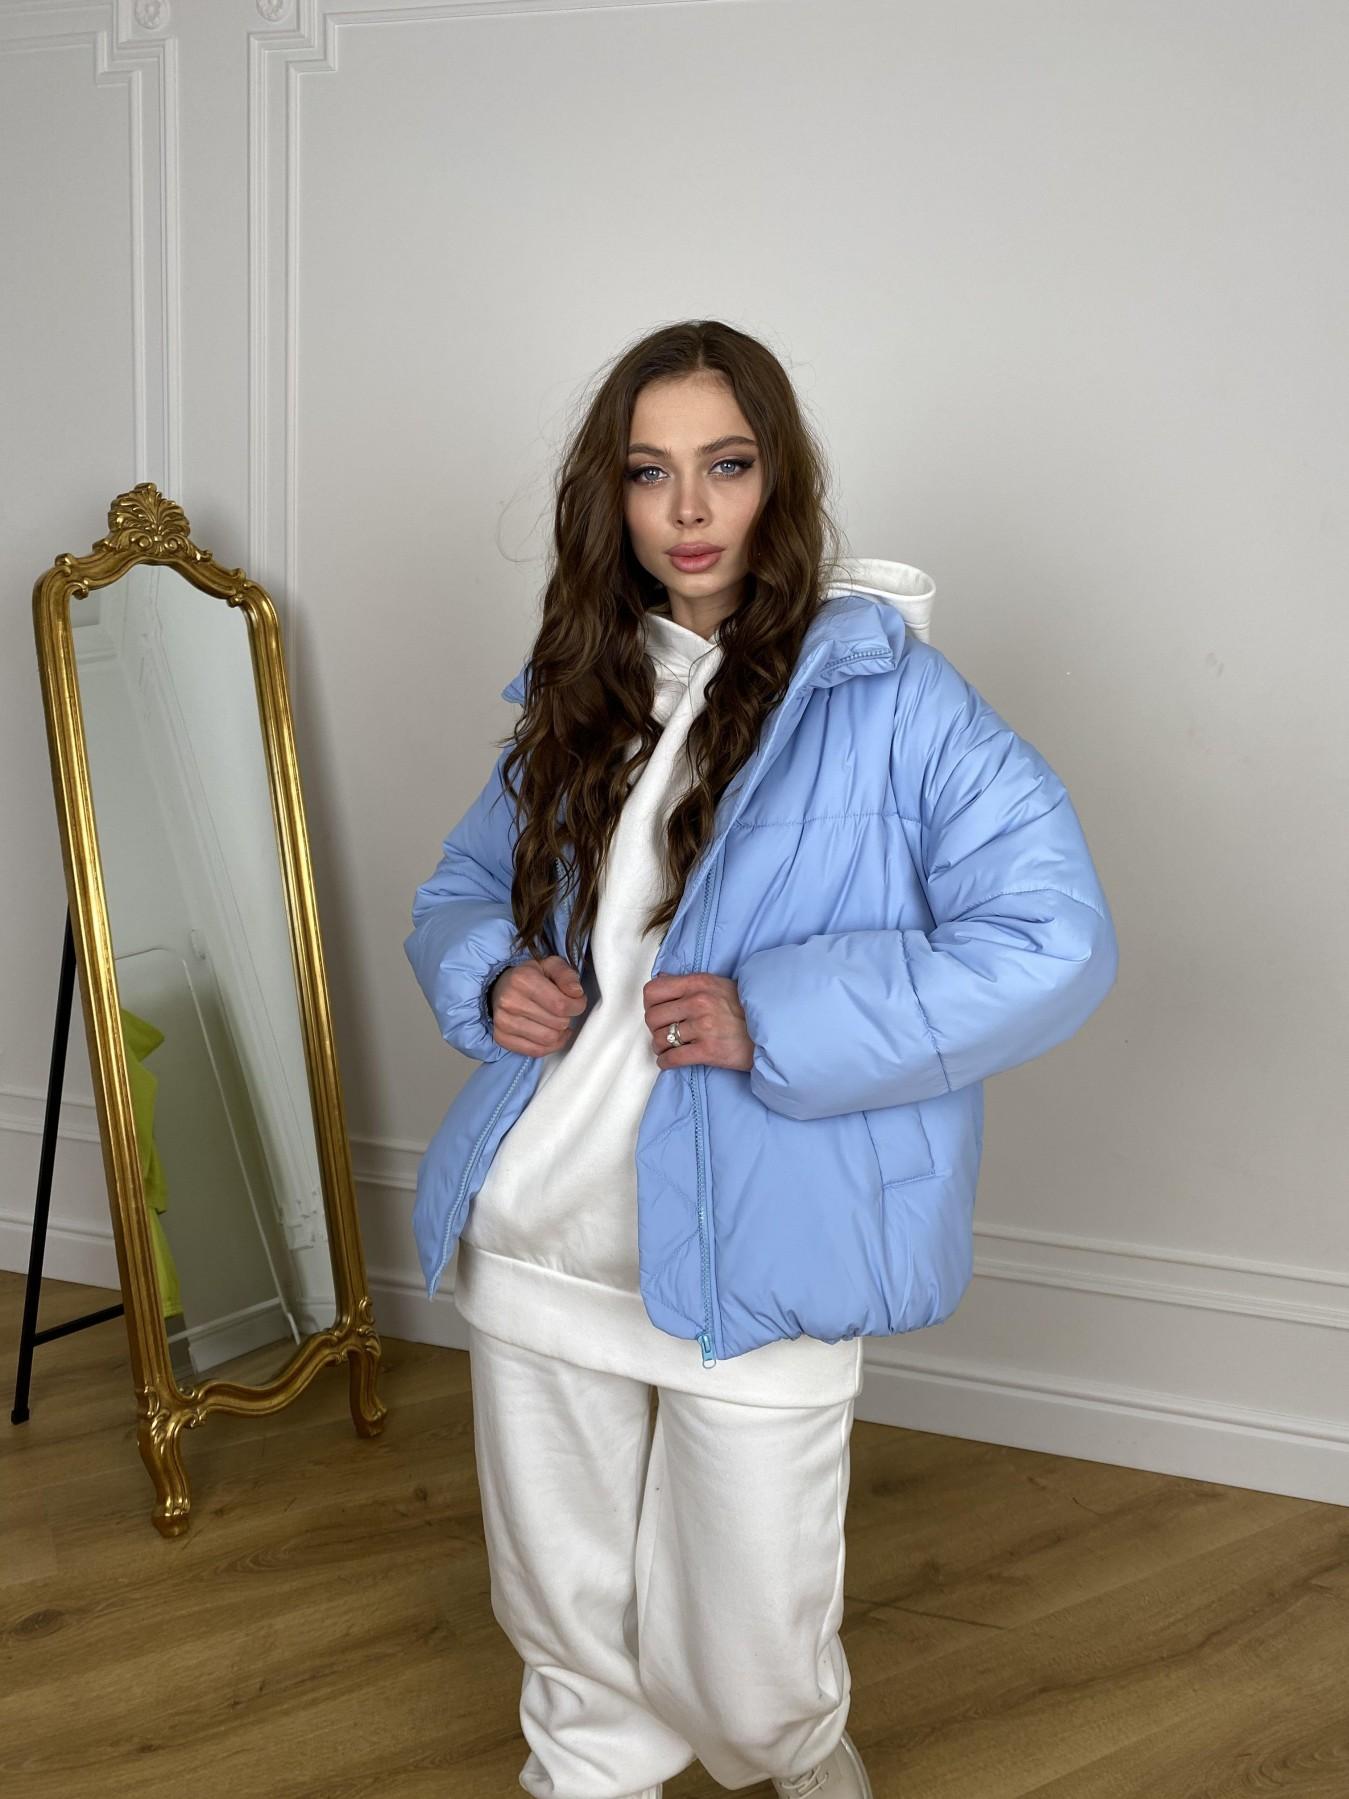 Муд куртка из плащевой ткани 10509 АРТ. 46916 Цвет: Голубой - фото 6, интернет магазин tm-modus.ru